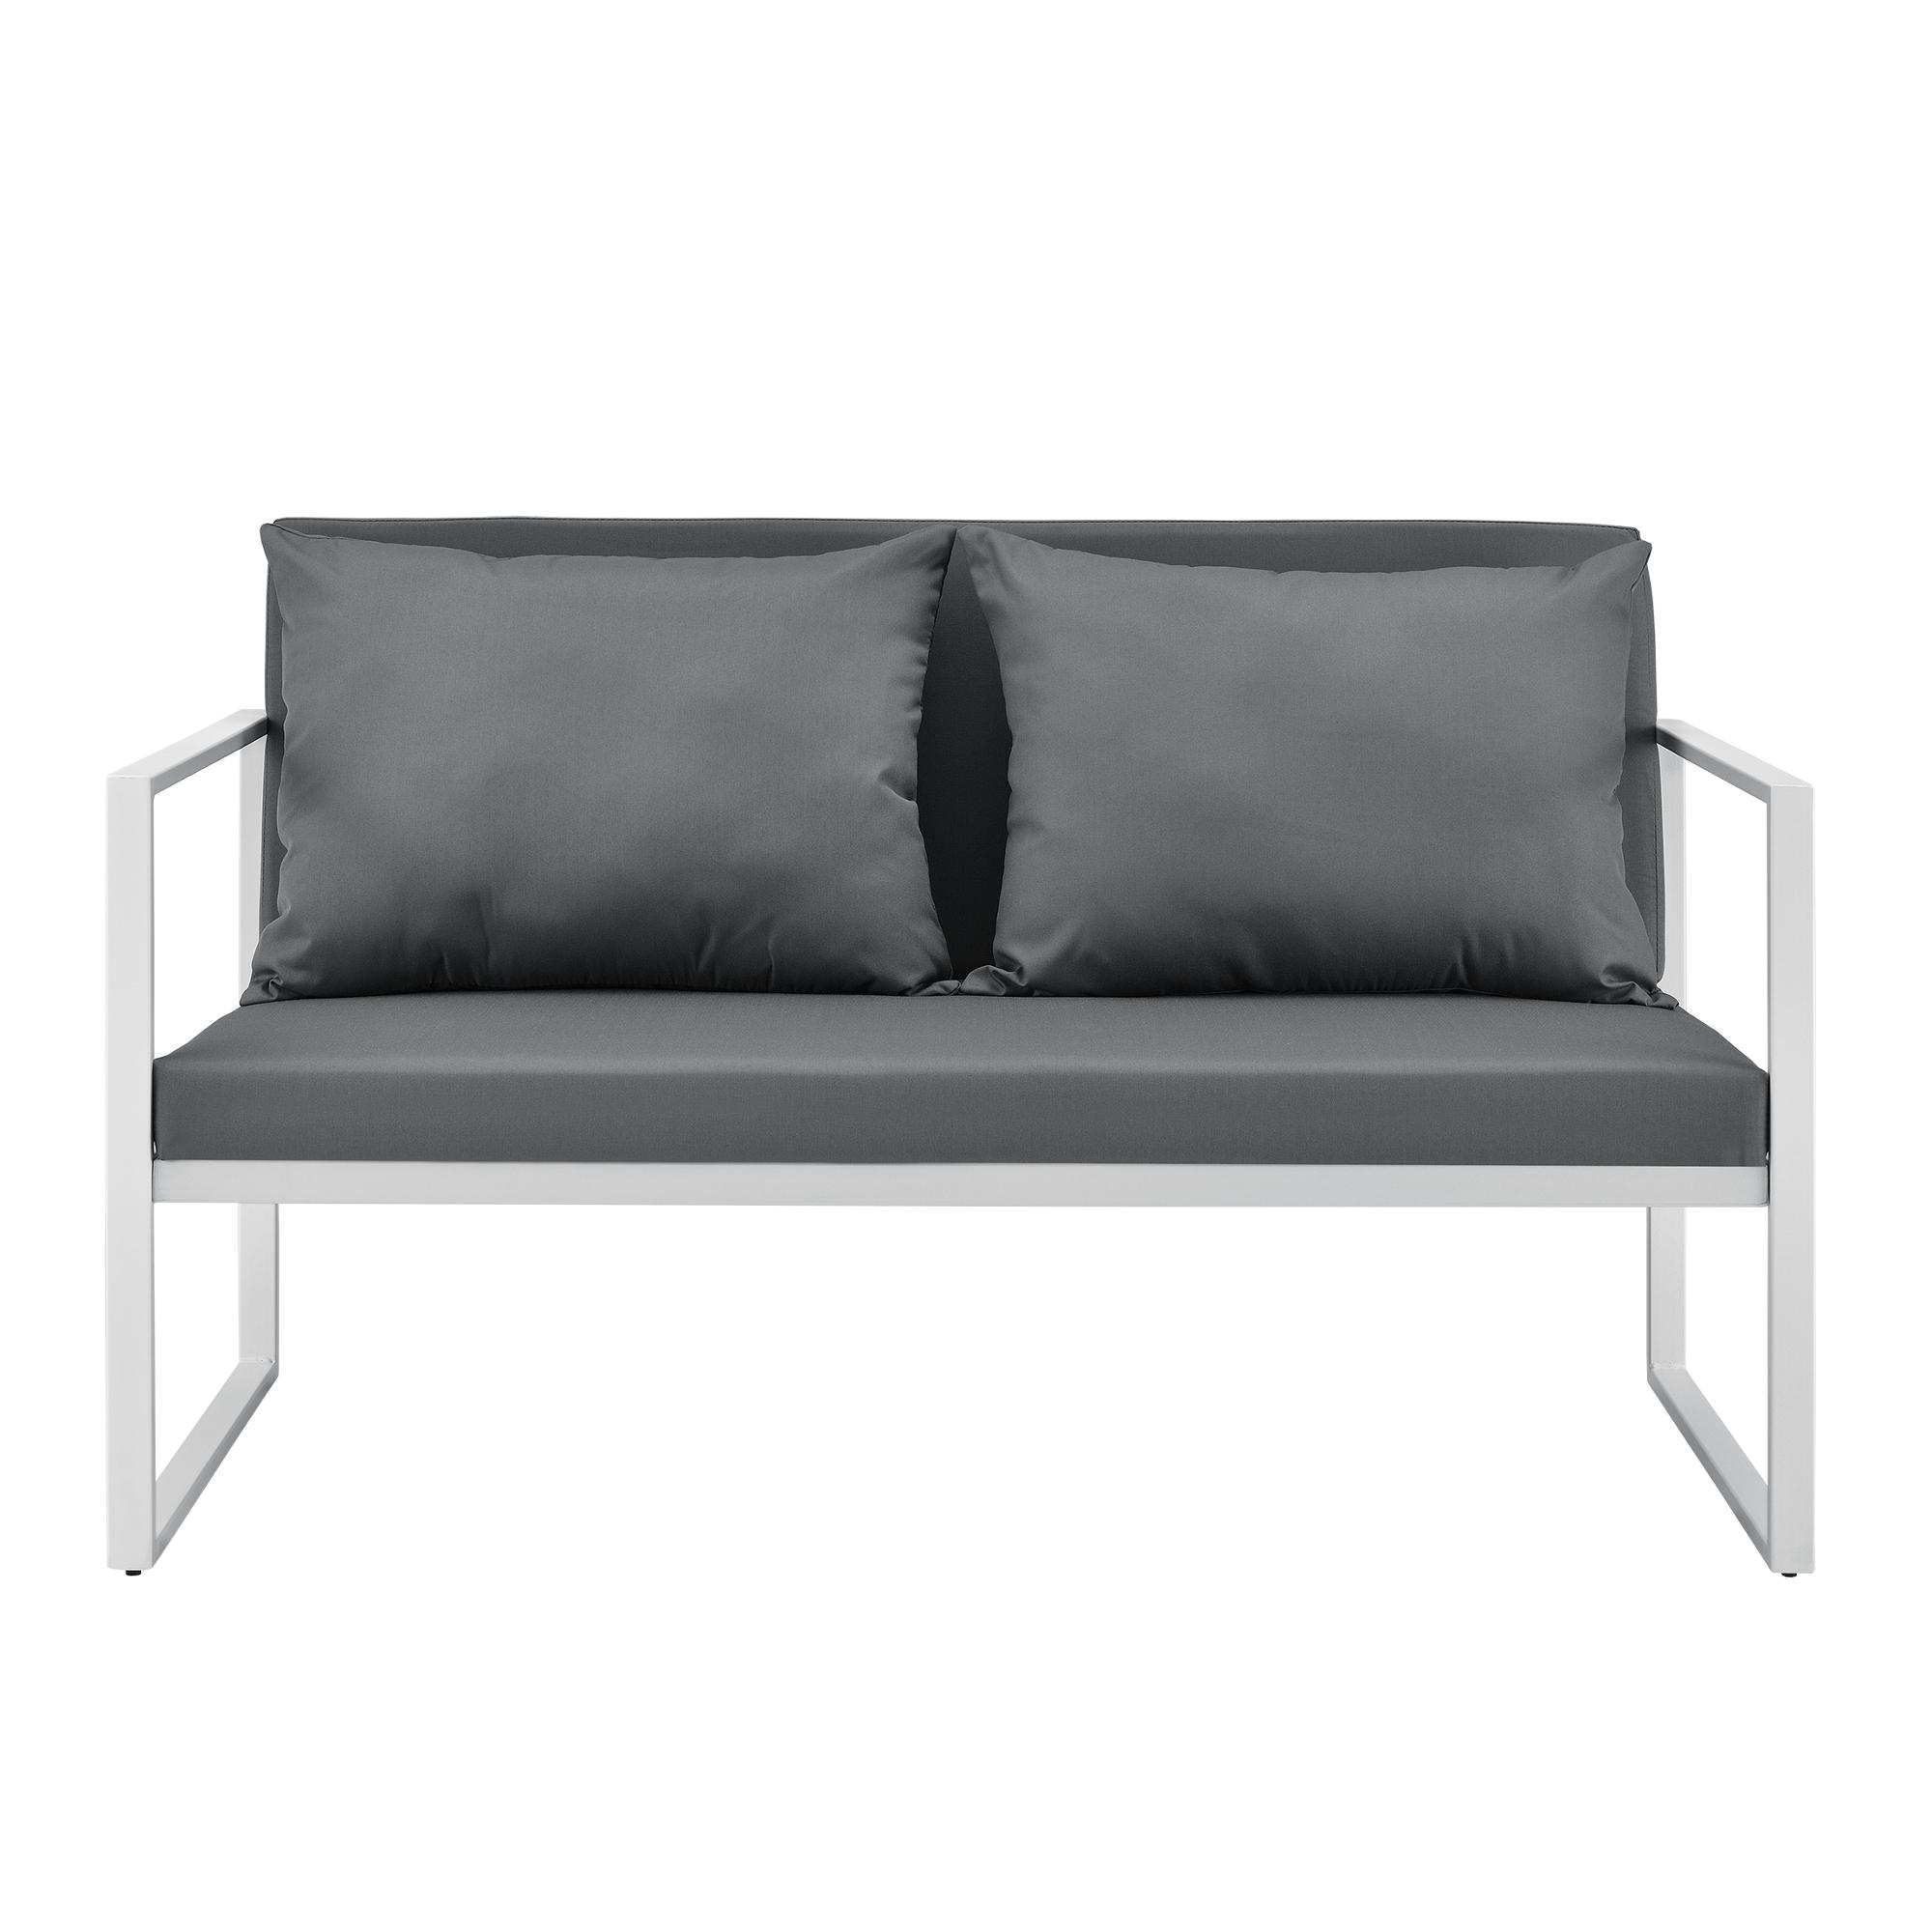 gartenbank gartensofa grau wei bank parkbank. Black Bedroom Furniture Sets. Home Design Ideas